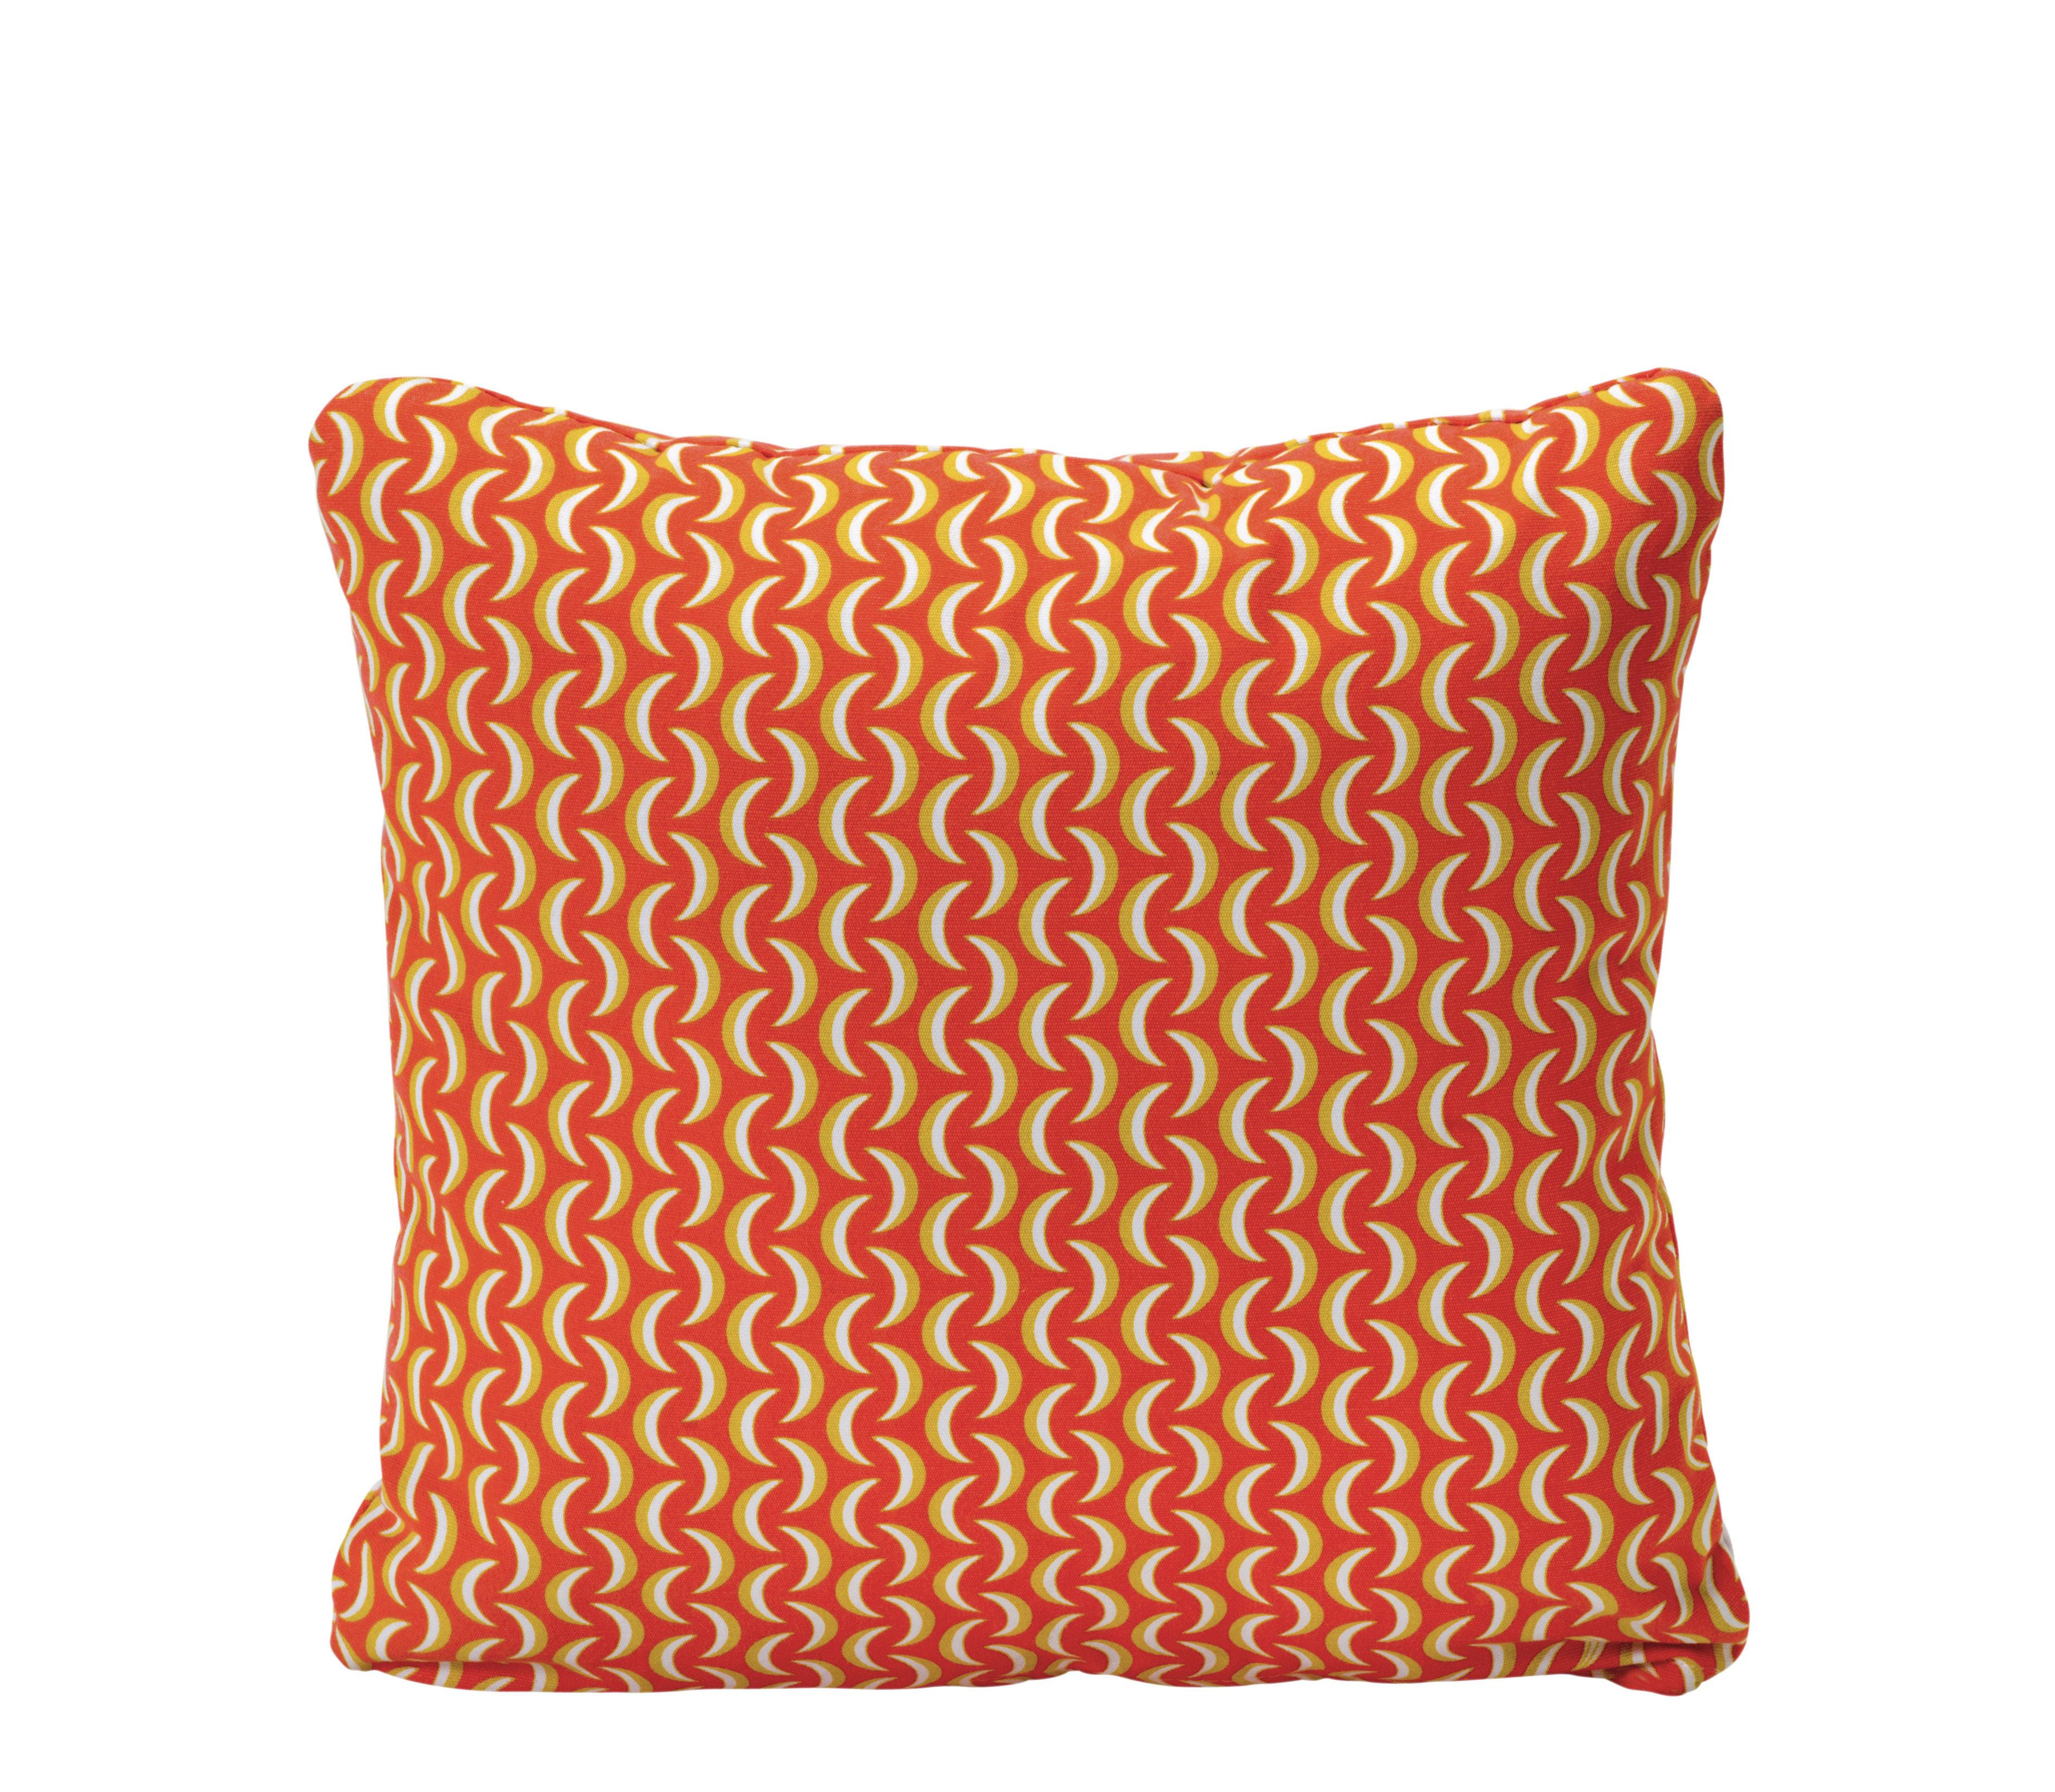 Decoration - Cushions & Poufs - Envie d'ailleurs - Bananes Outdoor cushion - 44 x 44 cm - Outdoor by Fermob - Nasturtium - Cotton